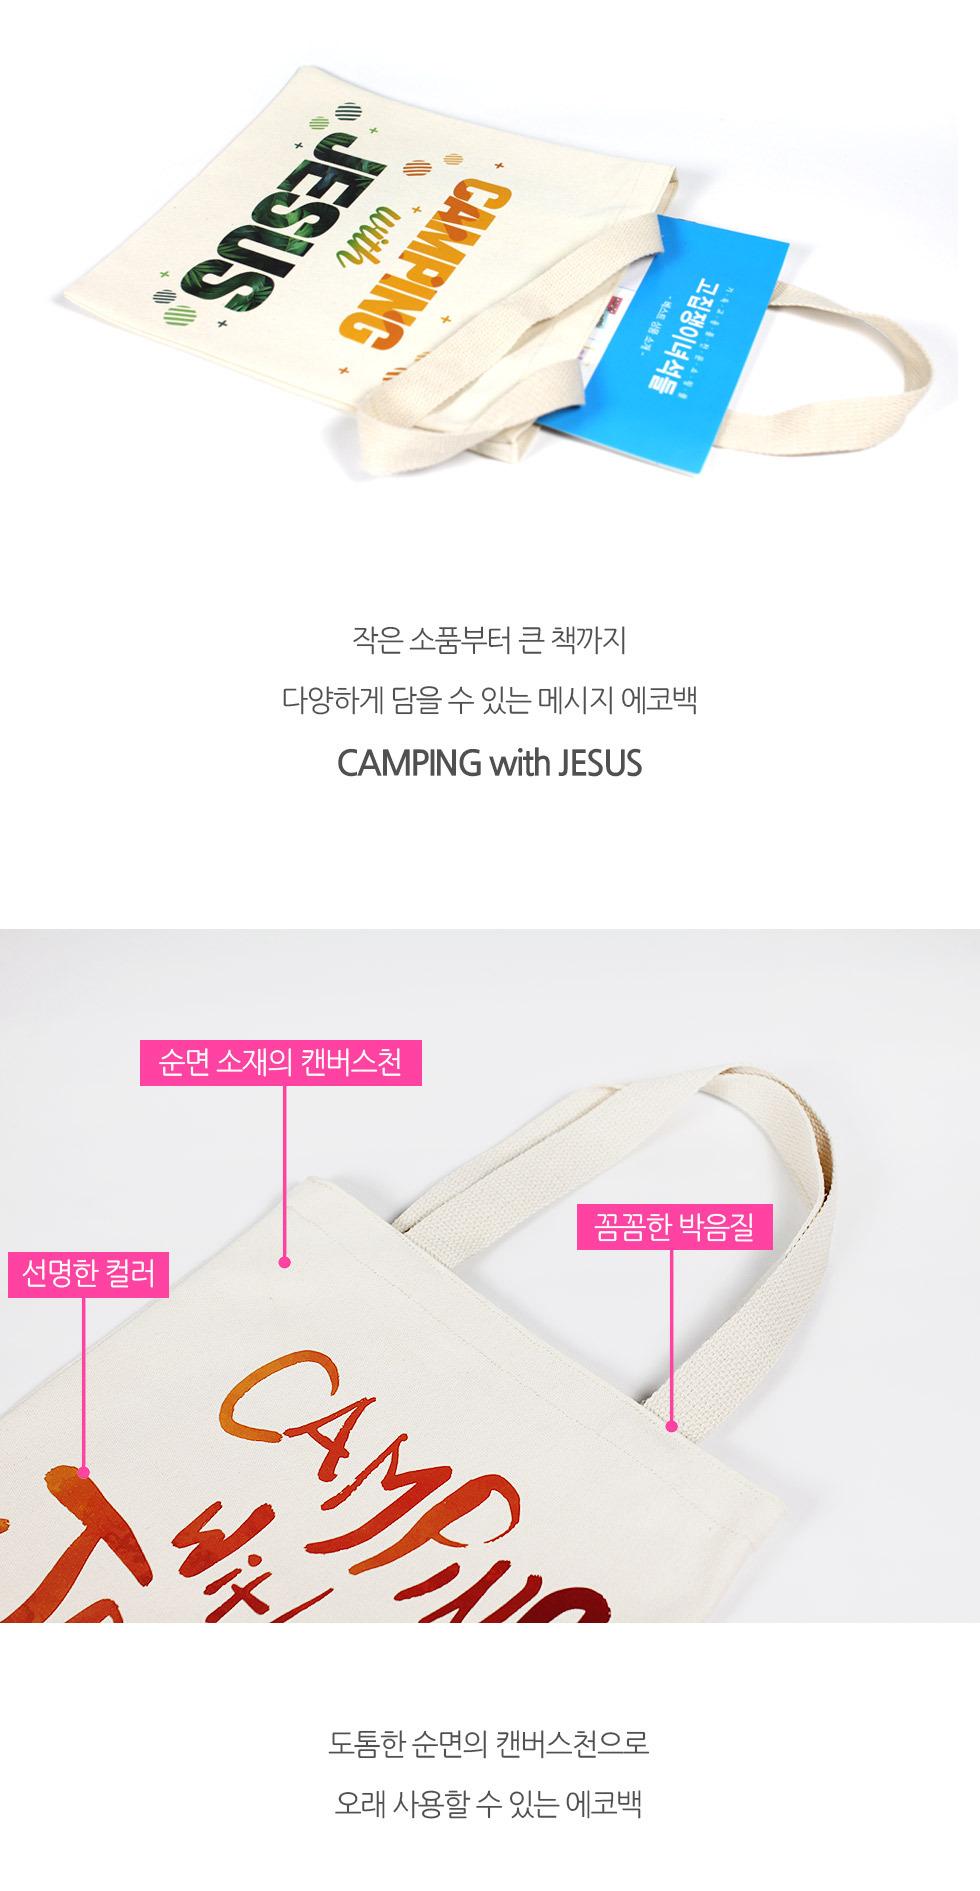 메시지 에코백 Camping with Jesus (캠핑위드지저스) 예수님과 함께 작은 소품부터 큰 책까지 다양하게 담을 수 있는 에코백, 선명한 컬러, 꼼꼼한 박음질, 순면의 캔버스천으로 오래 사용할 수 있는 에코백